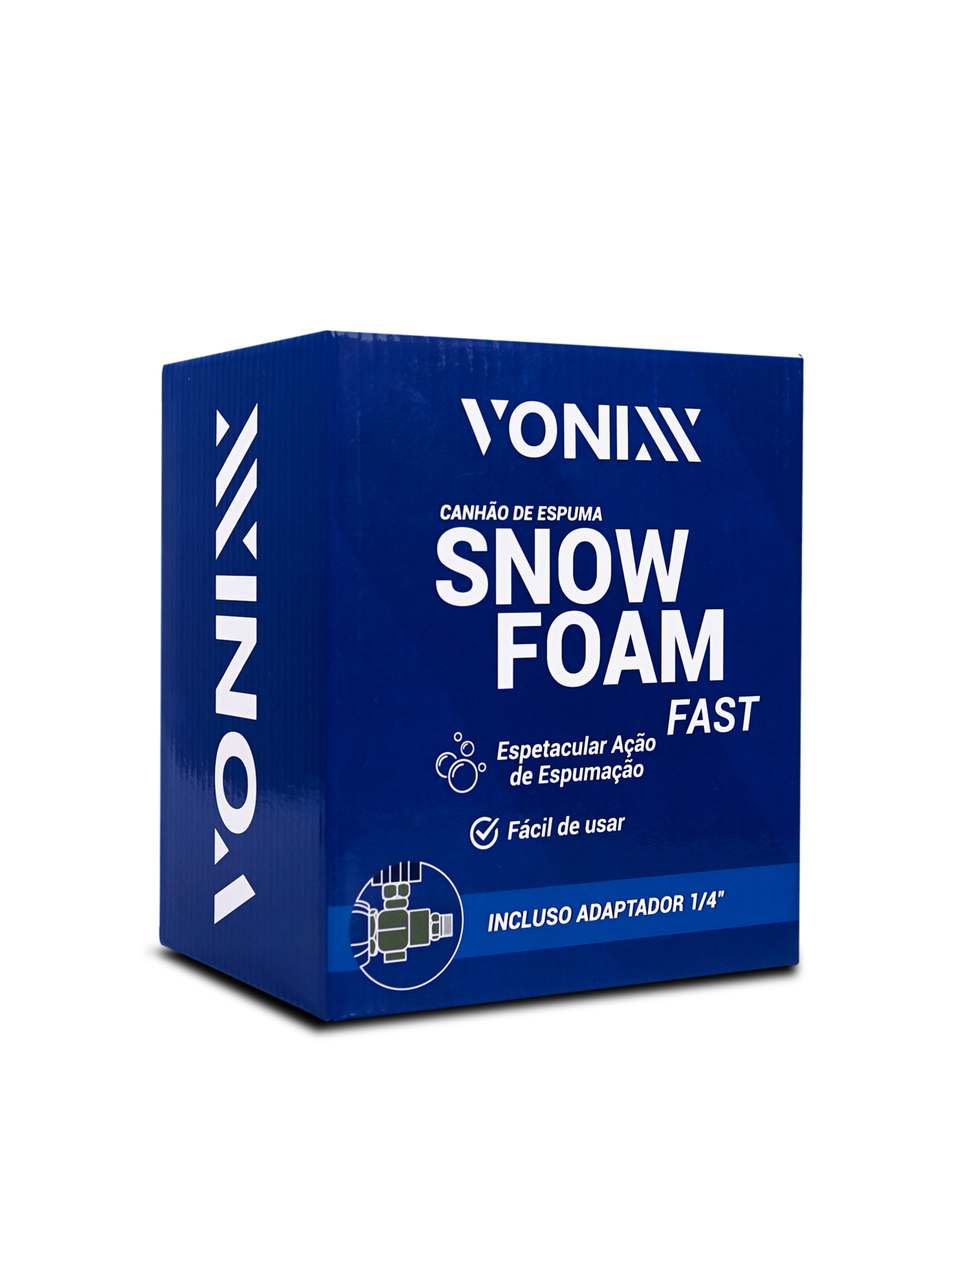 Canhão de Espuma Snow Foam Fast Vonixx